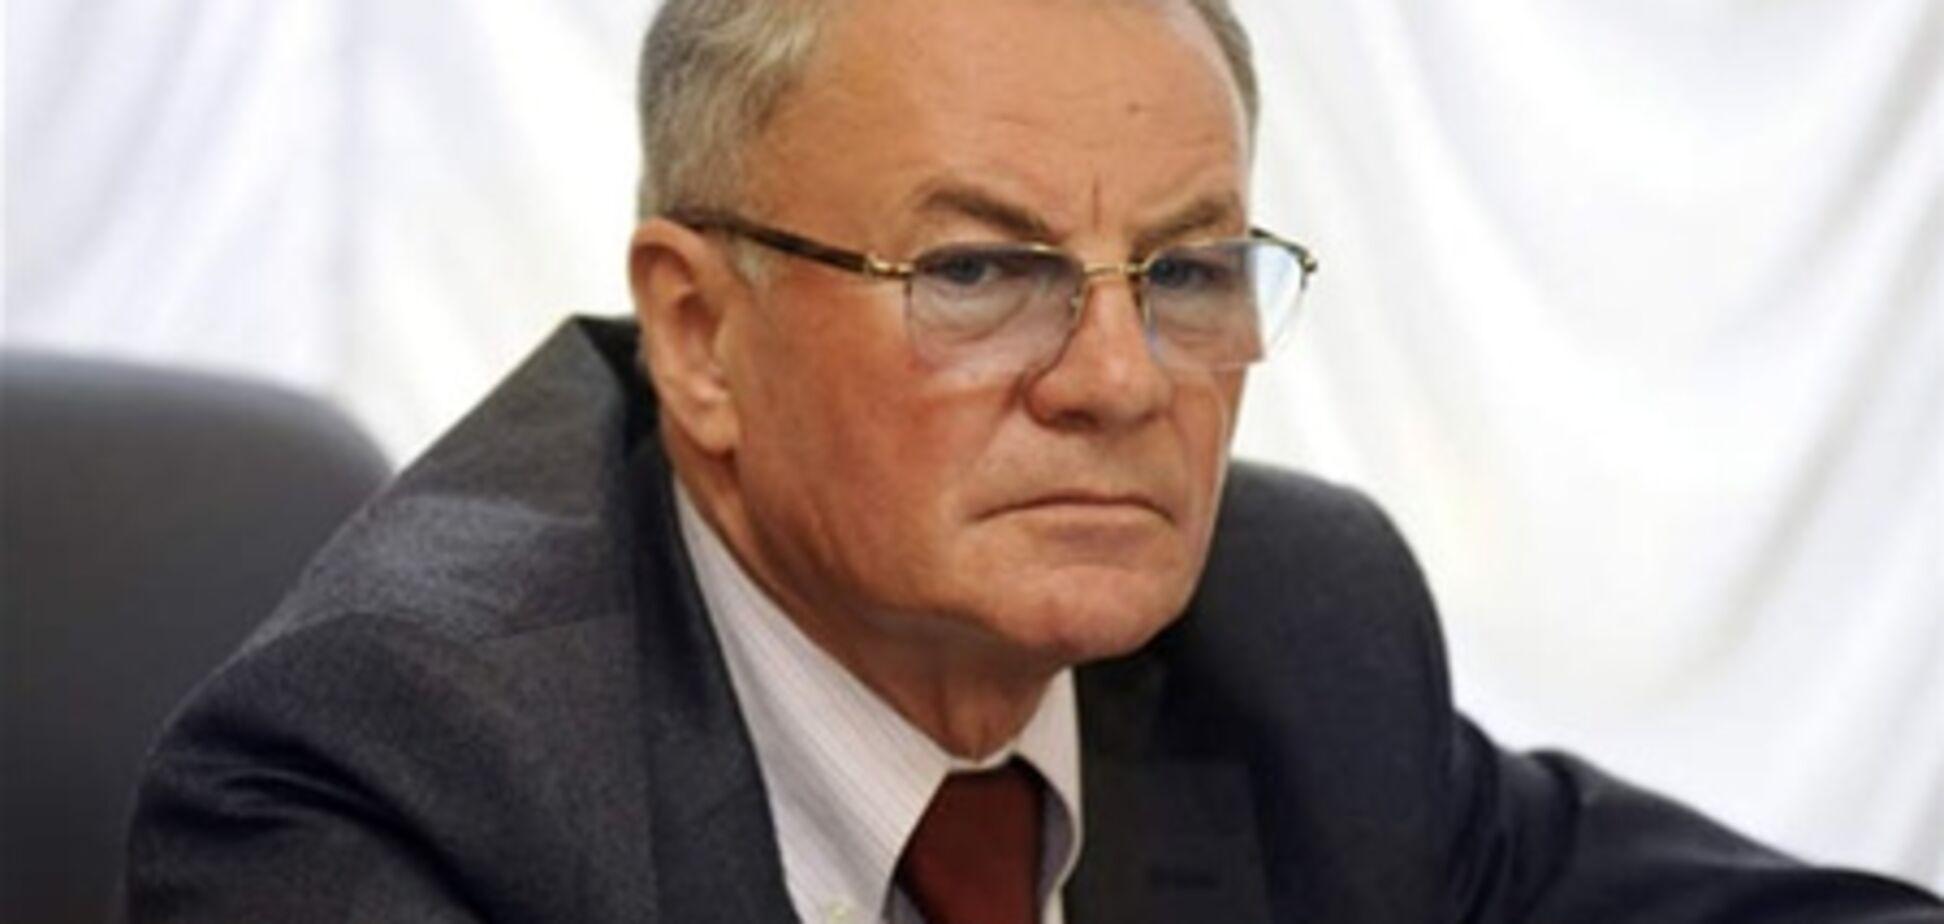 Ющенко может включить в список только самоубийца - депутат БЮТ